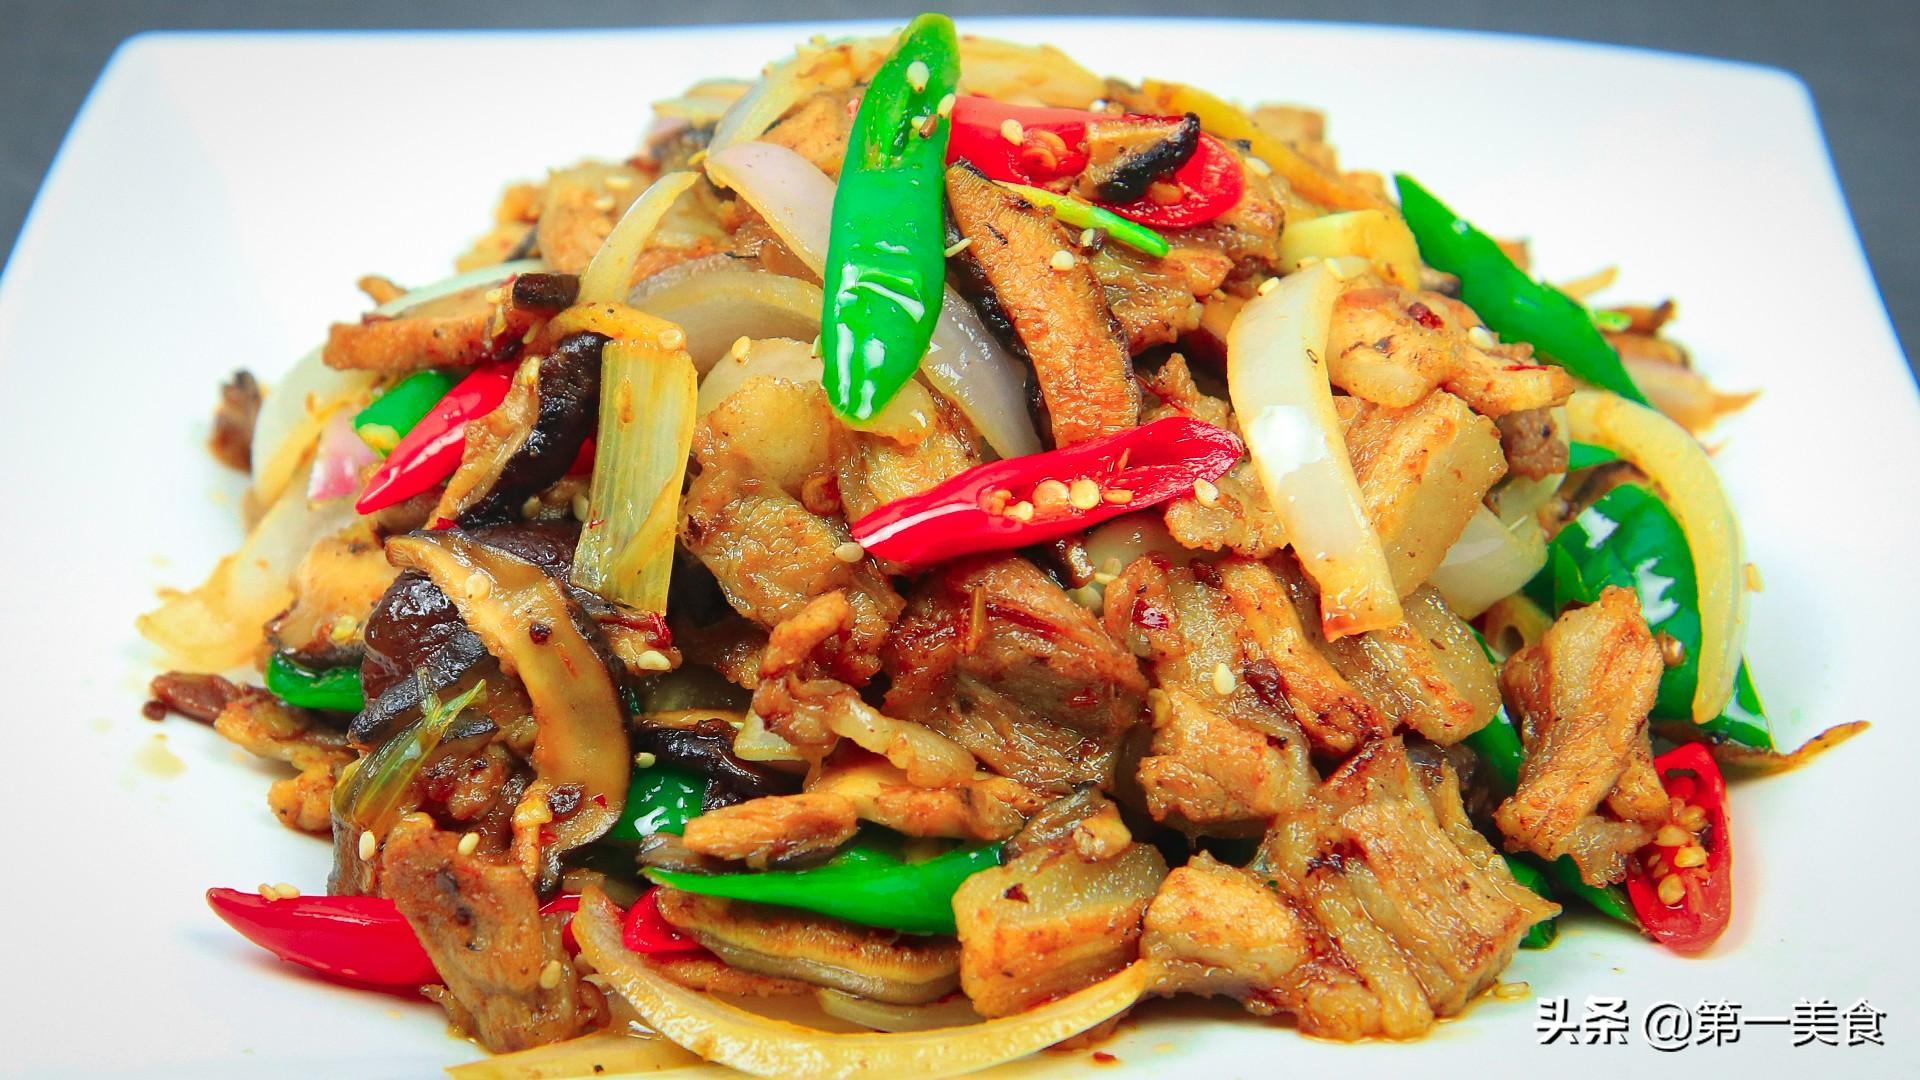 香菇小炒肉怎么做才好吃,大厨教分享技巧,香菇滑嫩,肉片不油腻 美食做法 第12张